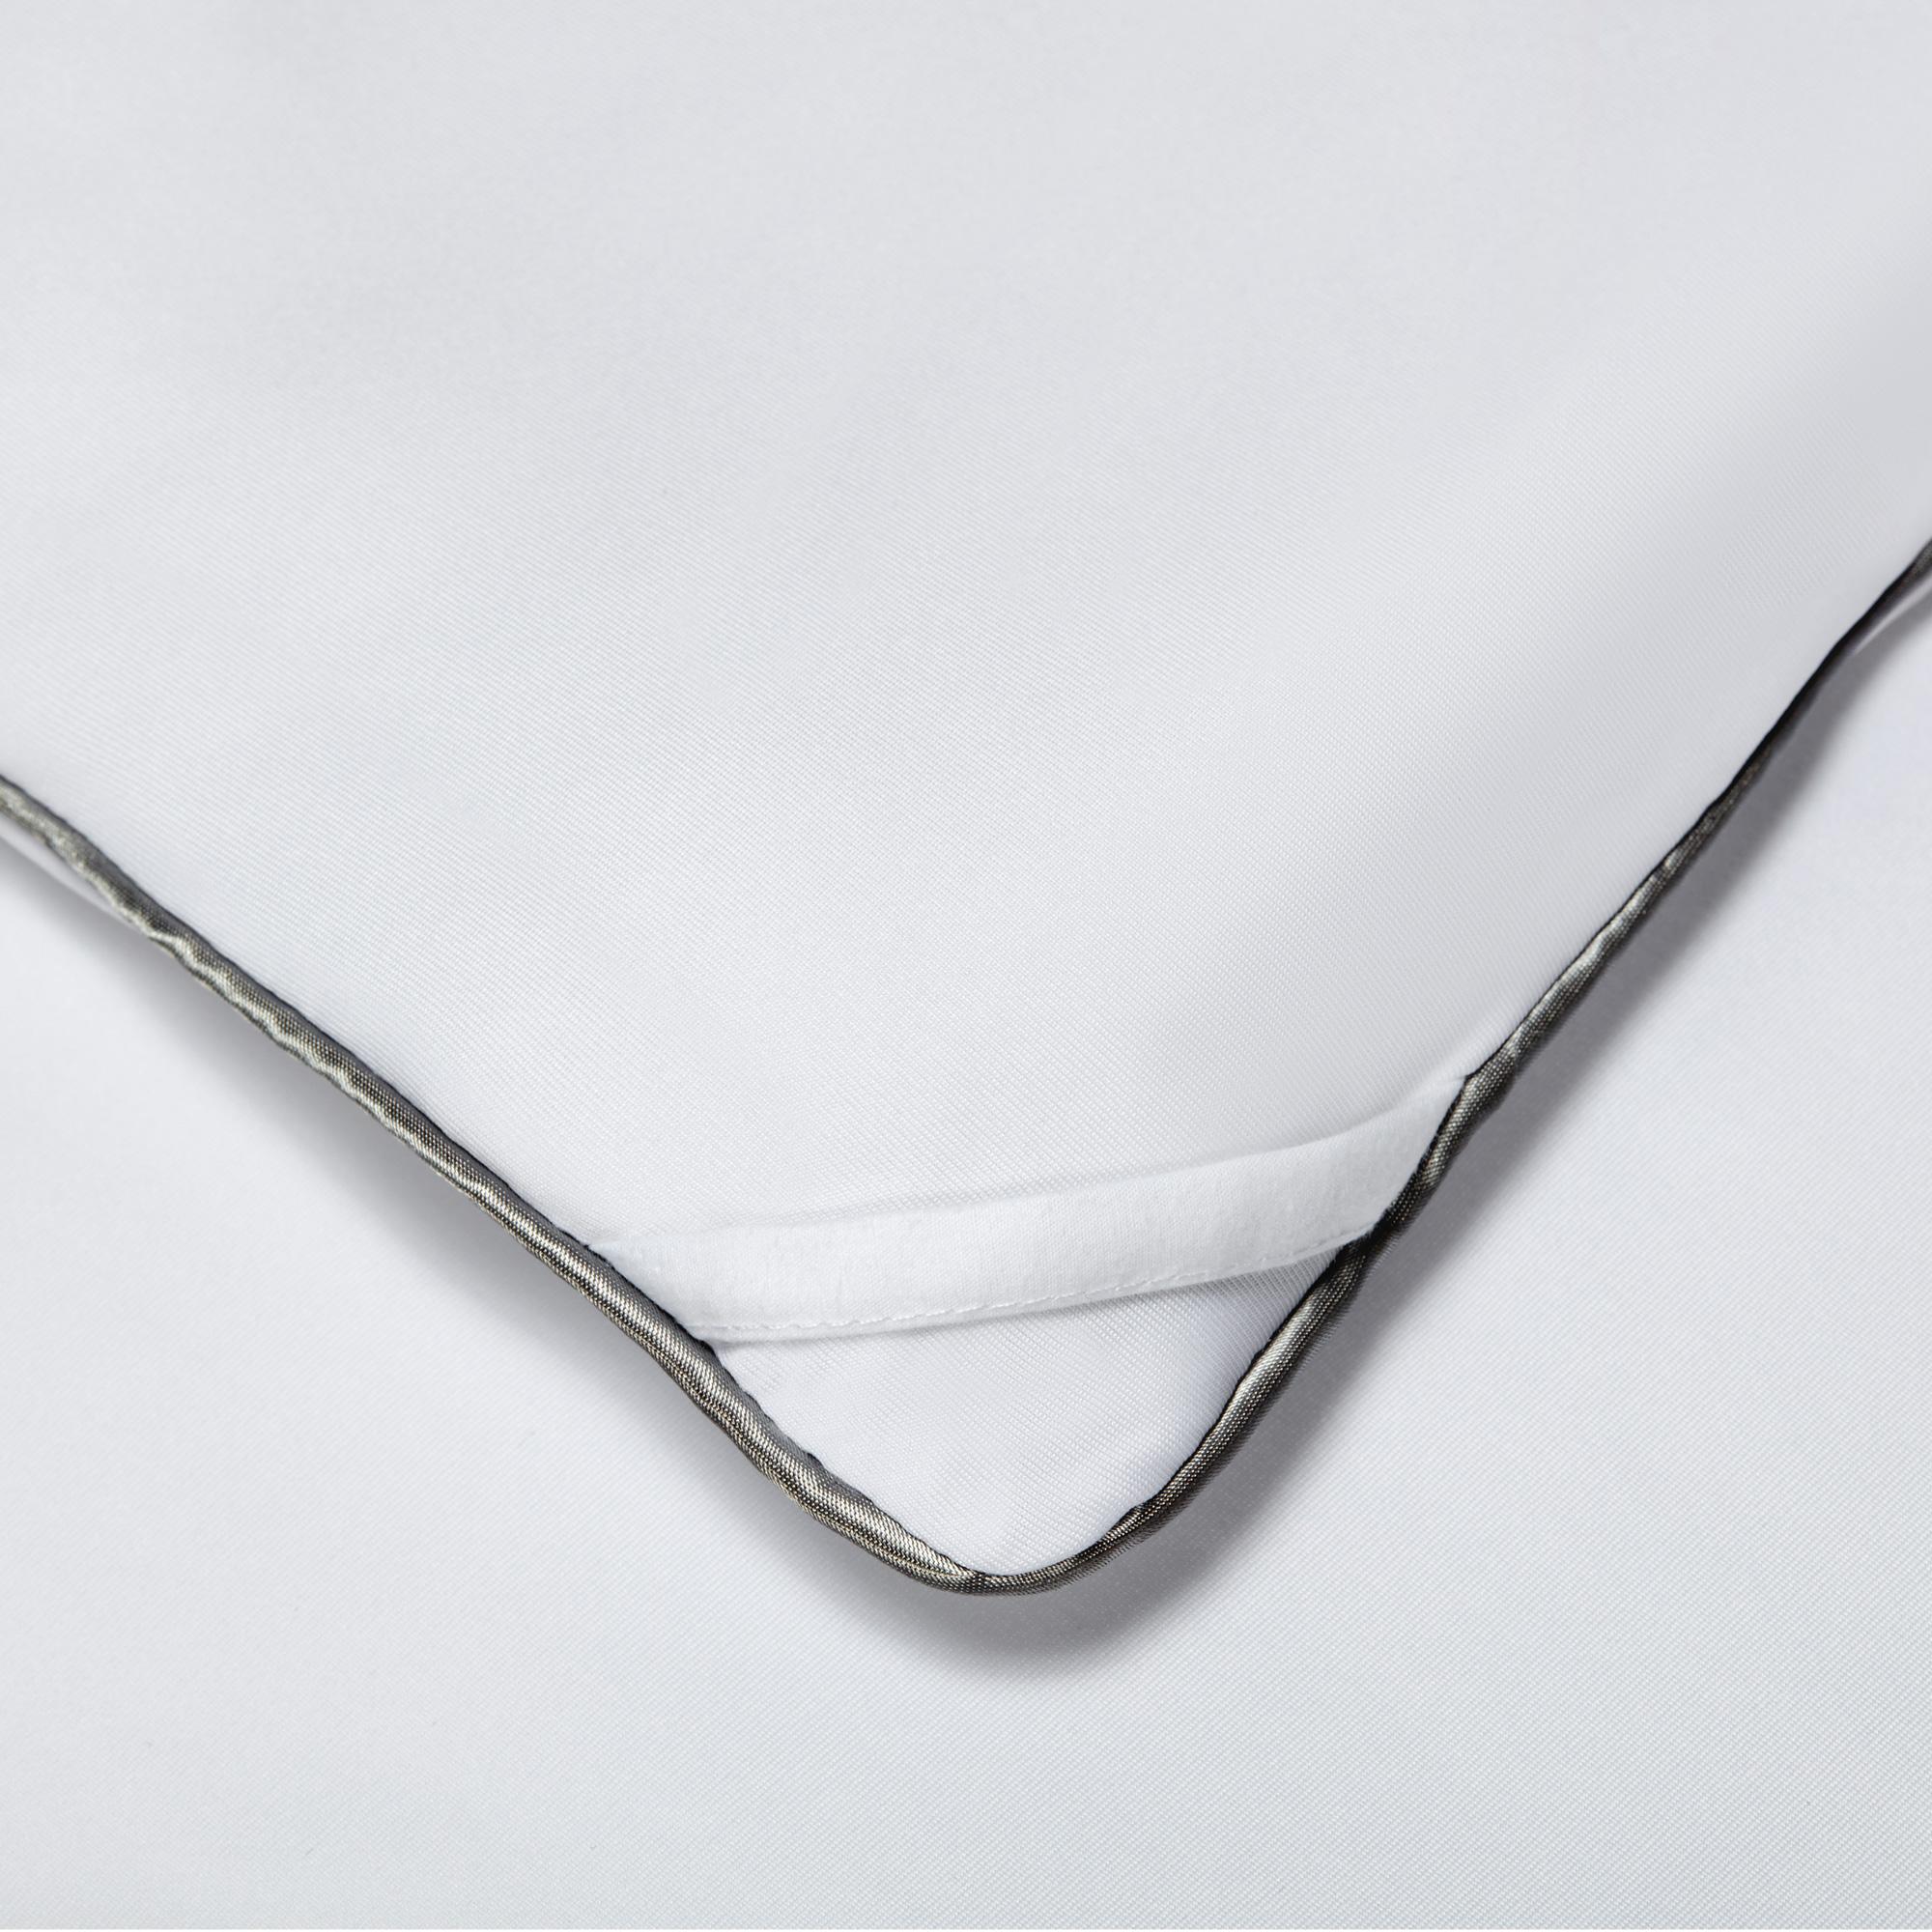 Sheex Inc. | SHEEX Aero Fit Bright White King Performance All Season Comforter